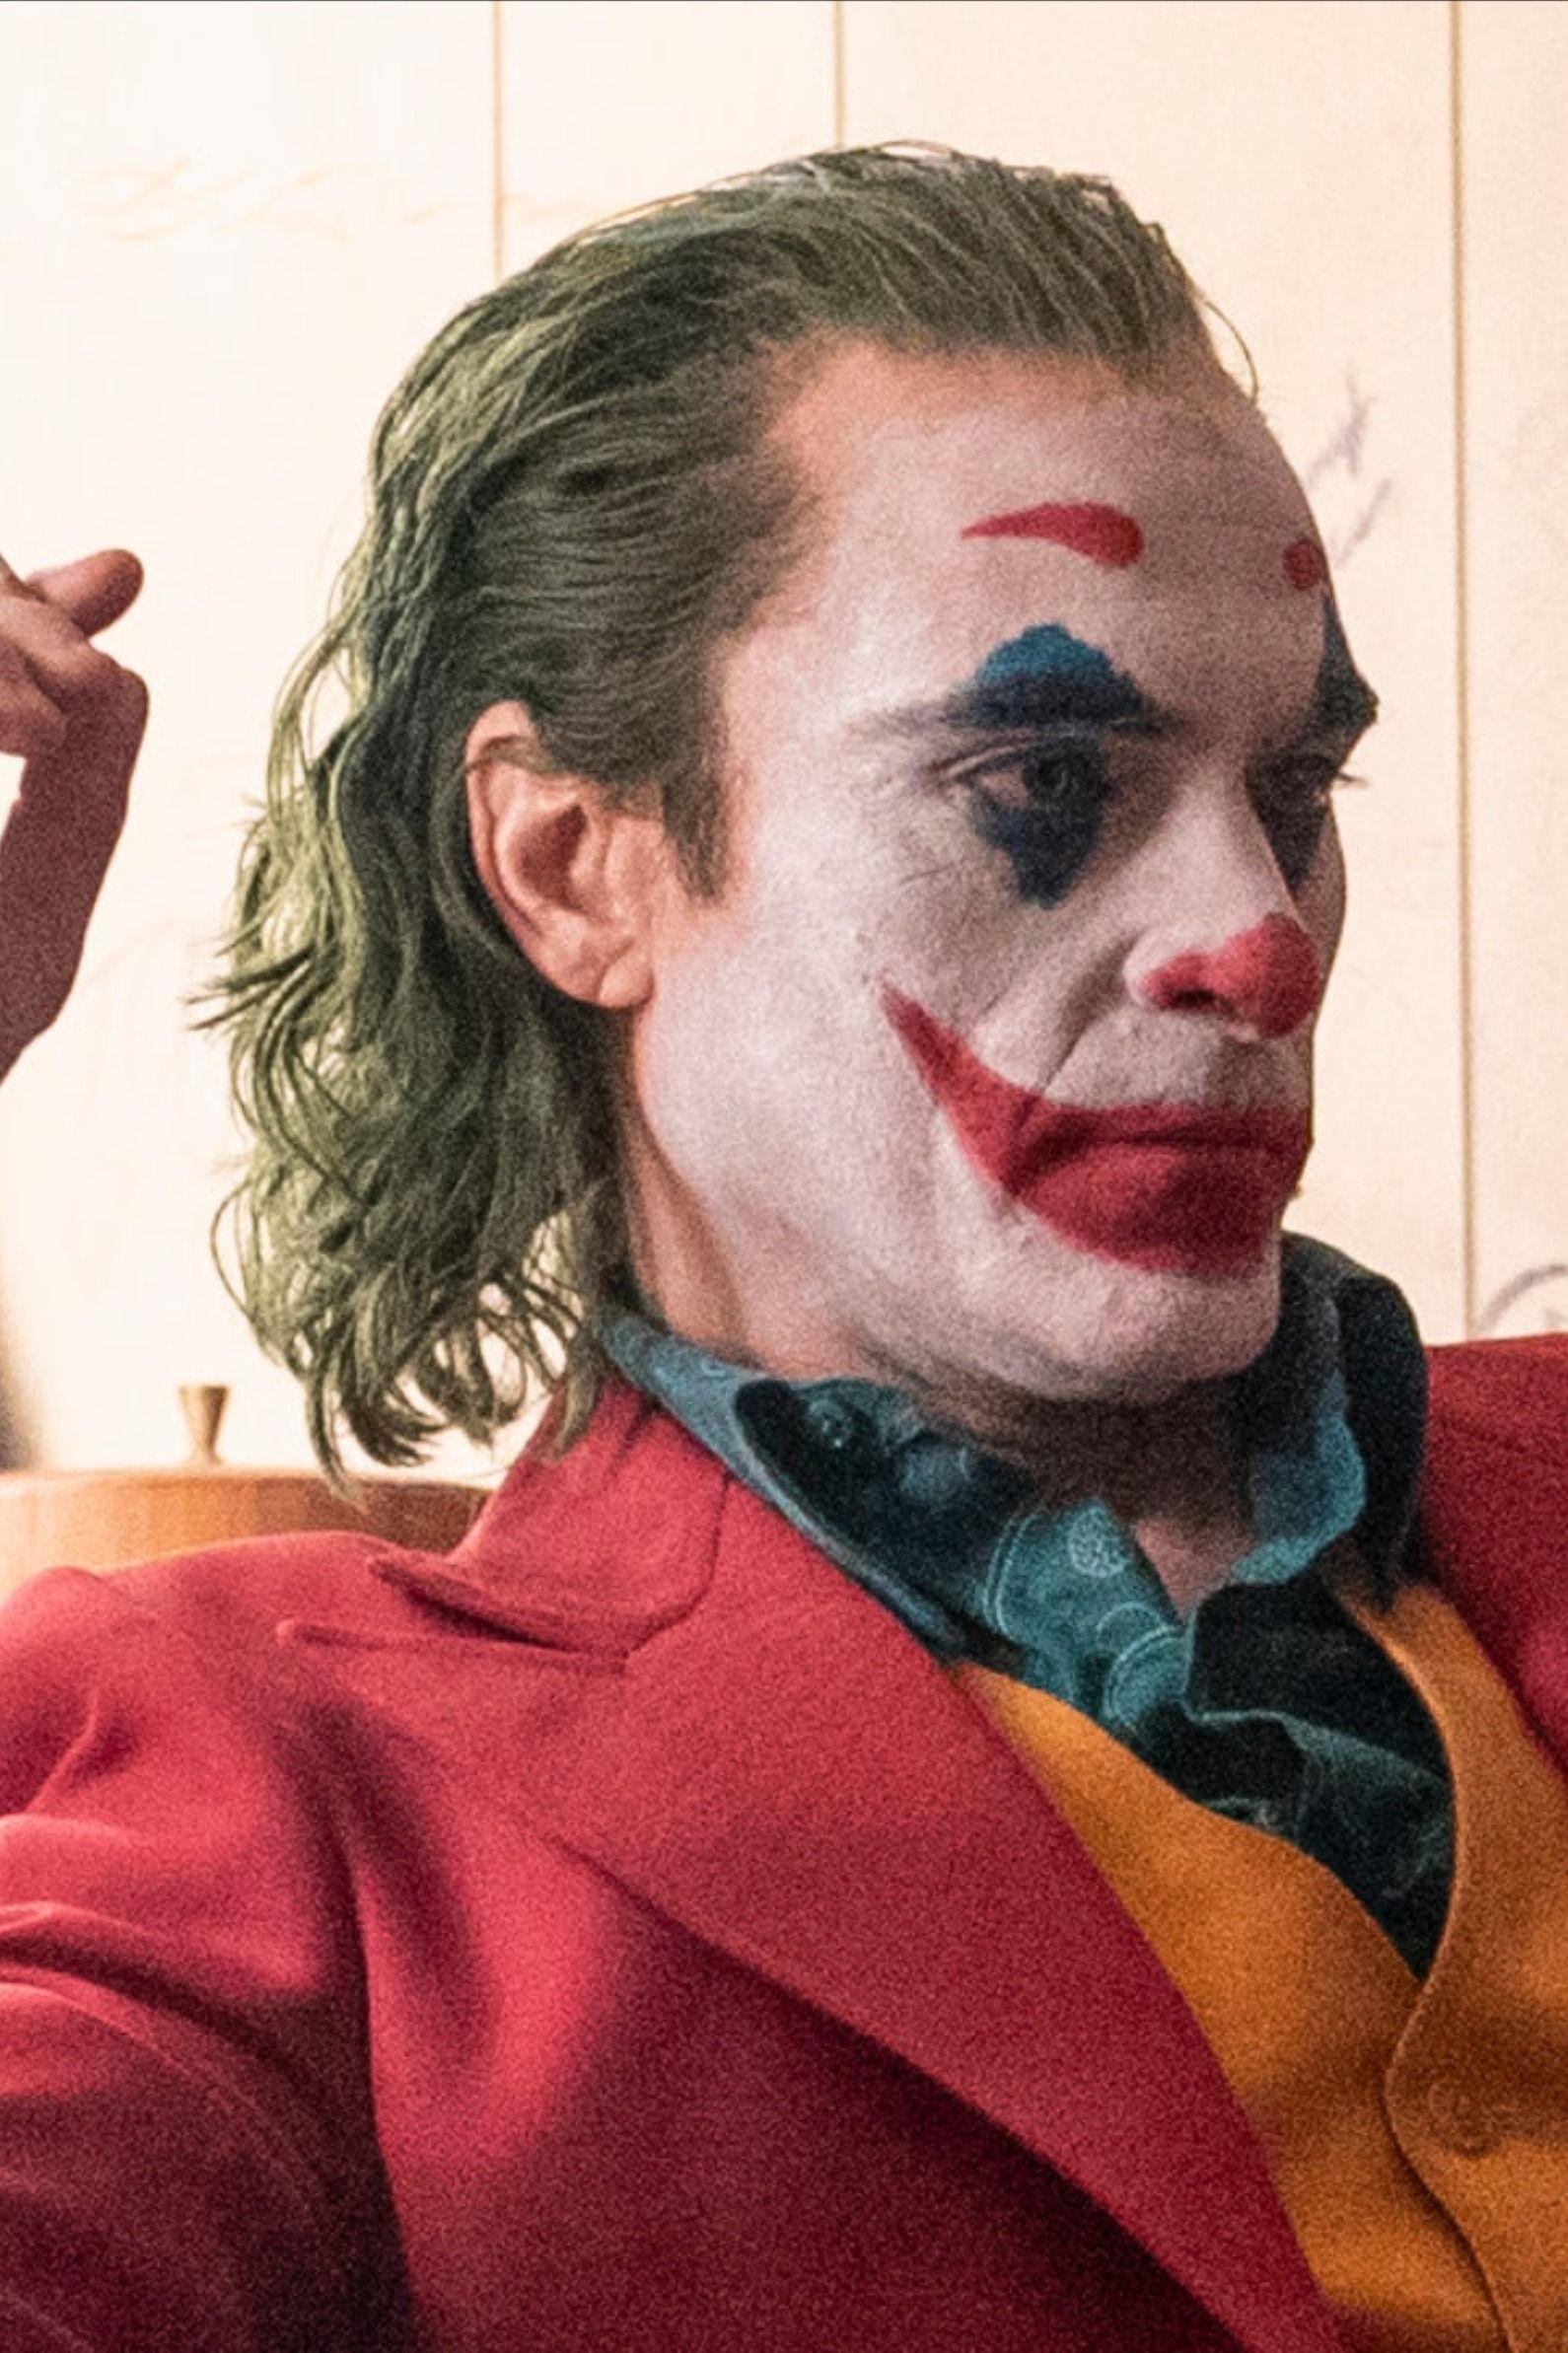 كيف كان فيلم جوكر مصدر الإلهام في الاهتمام بالصحة النفسية Joker Fictional Characters Character